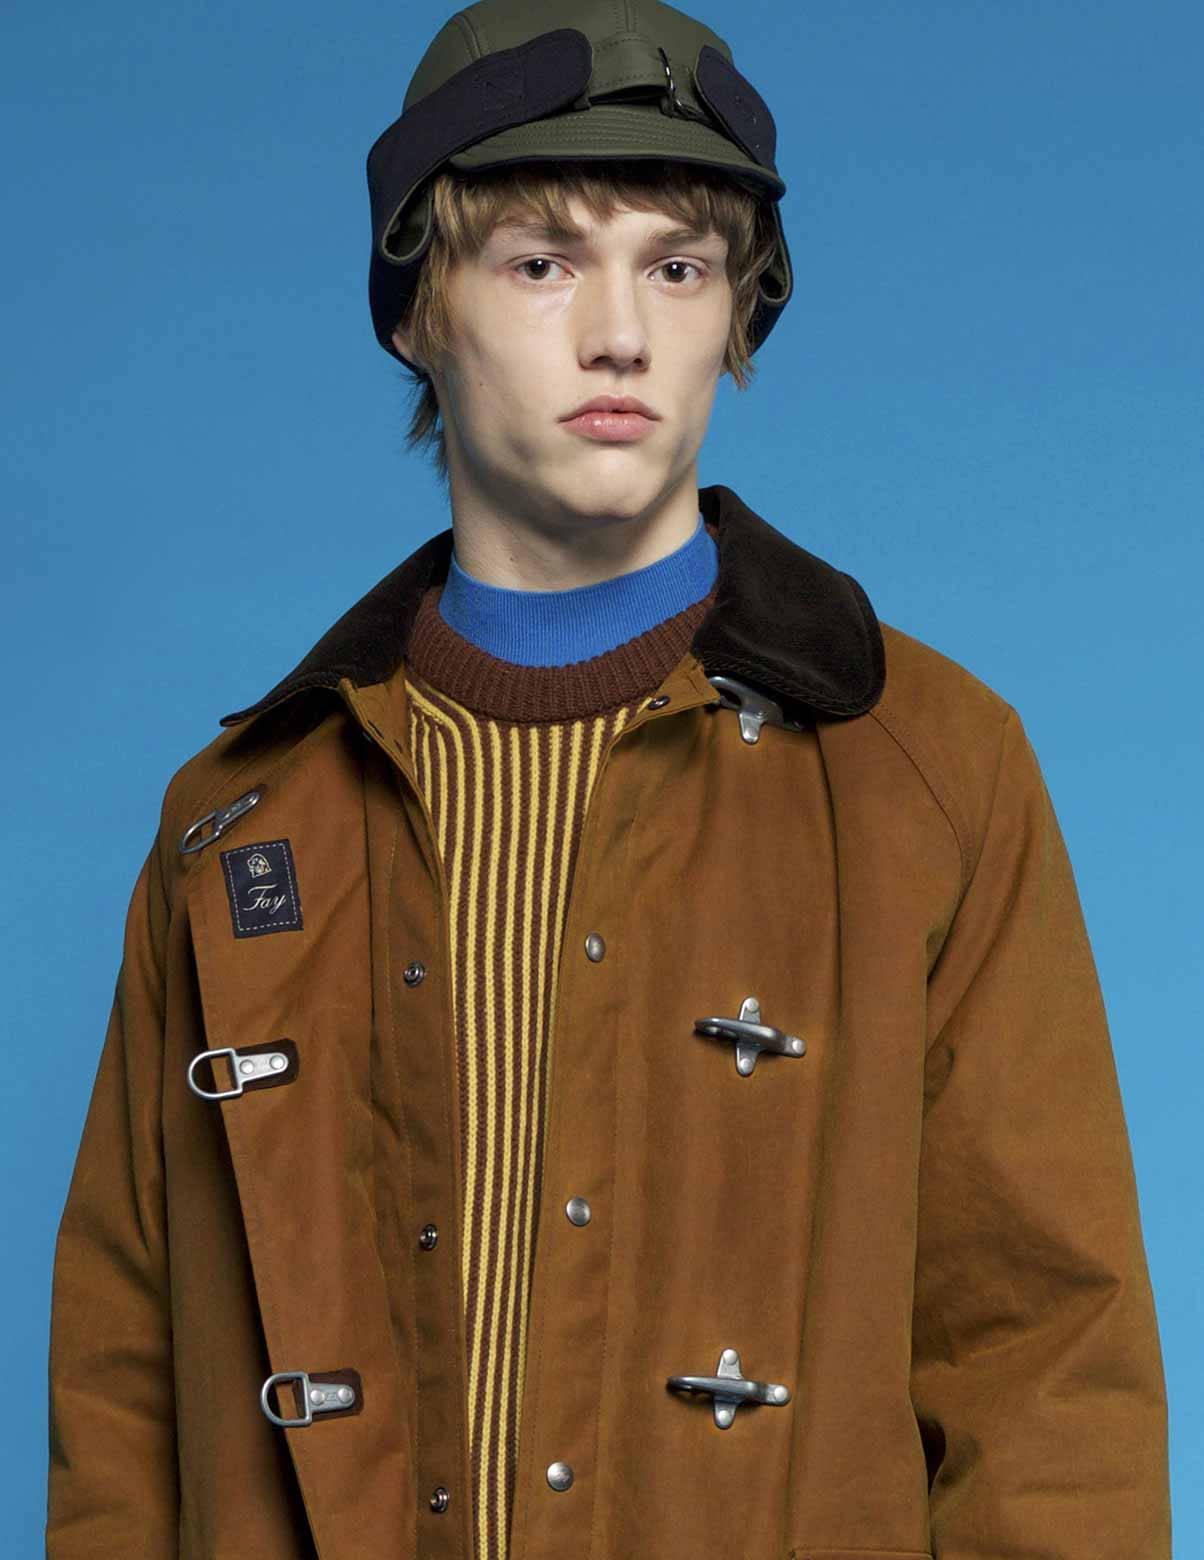 0b0ebdbf0c072 Tutti i giacconi invernali da uomo di marca visti sulle passerelle A ...